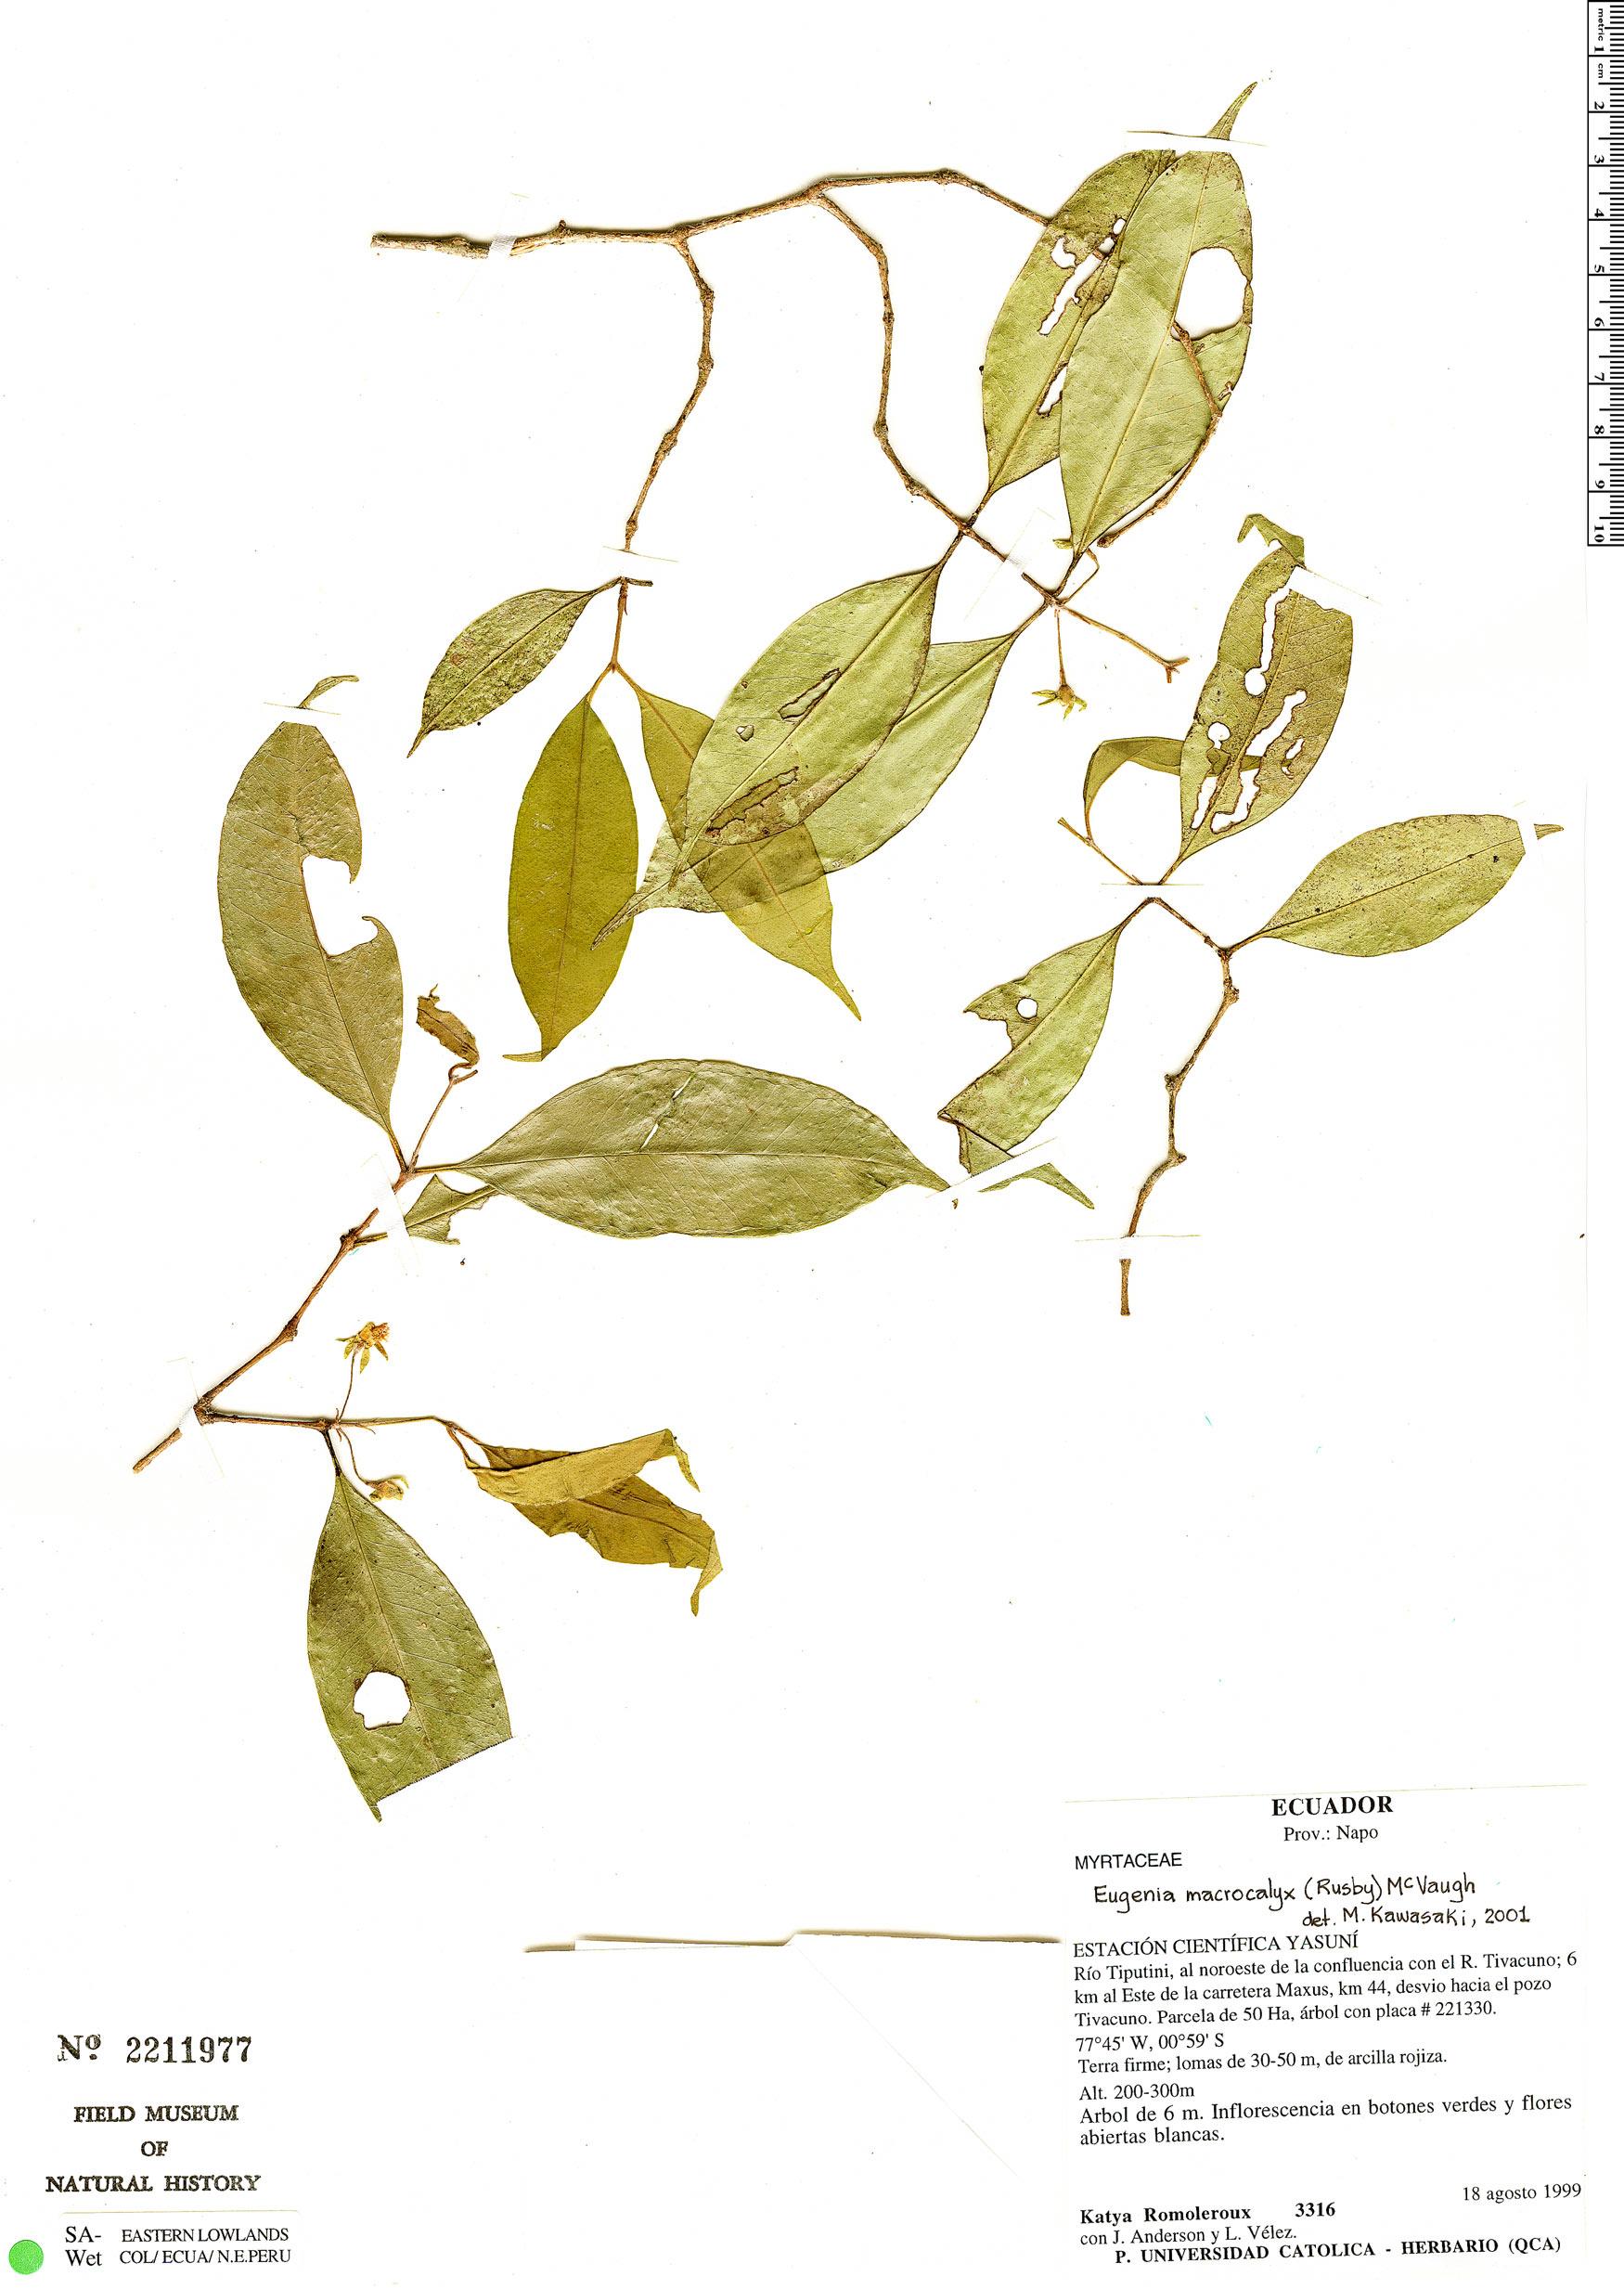 Specimen: Eugenia macrocalyx